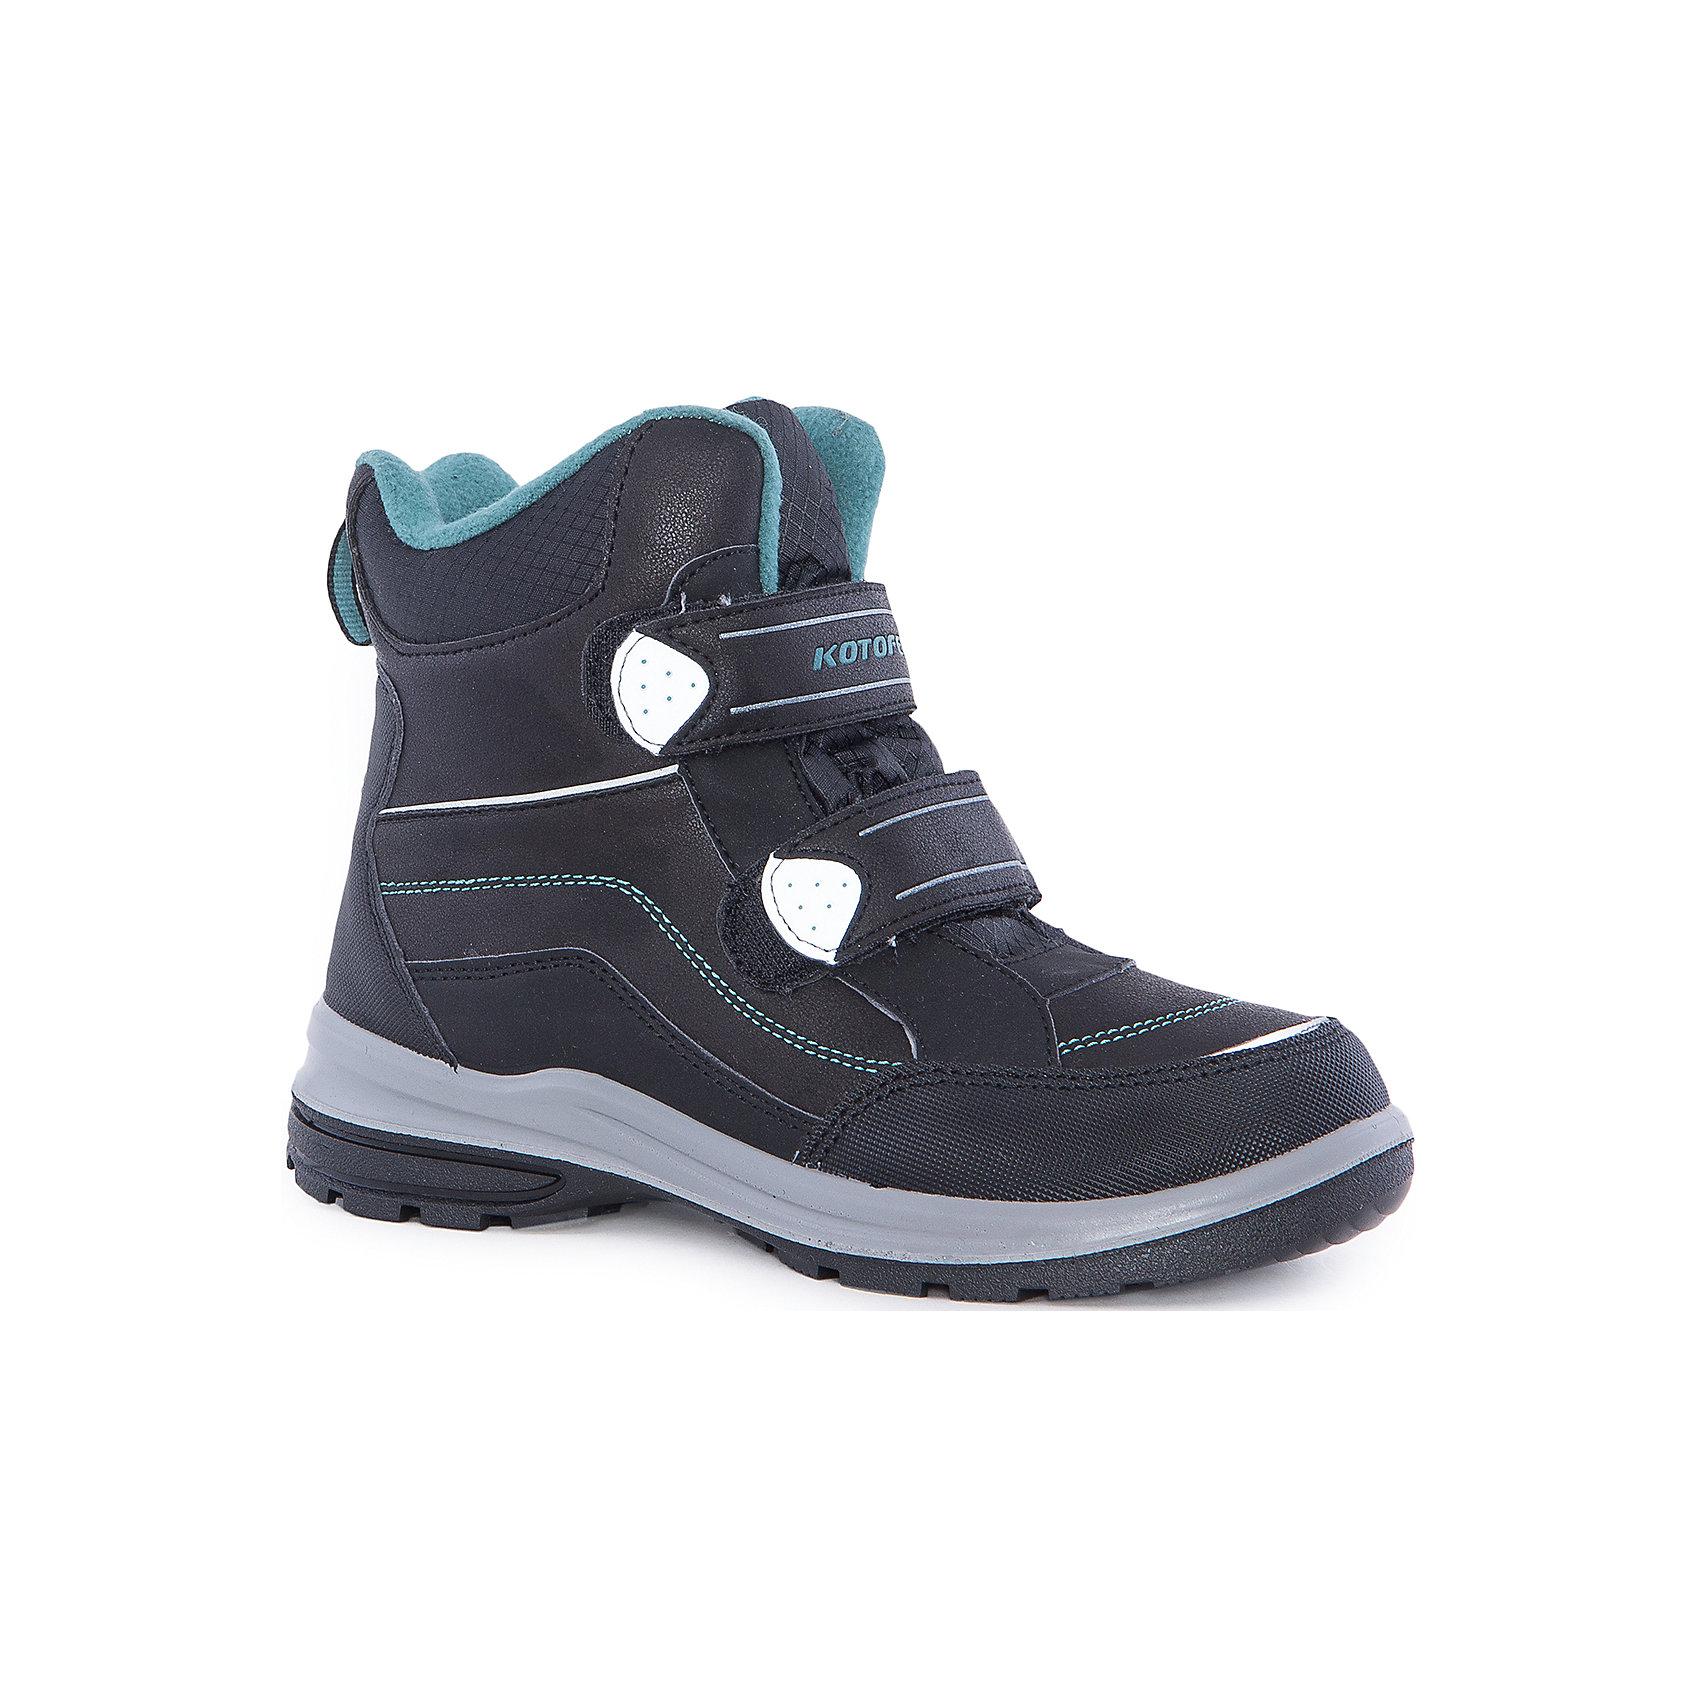 Ботинки  для мальчика КотофейБотинки  для мальчика Котофей.<br><br>Характеристики:<br><br>- Внешний материал: искусственная кожа, текстиль<br>- Внутренний материал: мех шерстяной<br>- Материал стельки: войлок<br>- Подошва: резина, полиуретан<br>- Тип застежки: липучки<br>- Вид крепления обуви: литьевой<br>- Температурный режим до -20С<br>- Цвет: черный, серый<br>- Сезон: зима<br>- Пол: для мальчиков<br><br><br>Зимние ботинки торговой марки Котофей обеспечат вашему мальчику максимальный комфорт. Верх ботинок выполнен из комбинированных материалов со специальным износостойким и водостойким мембранным материалом, что позволит ножке всегда оставаться сухой. Подкладка - из натуральной шерсти, имеется дополнительная стелька из войлока, поэтому ножке в такой обуви тепло и уютно. Подошва выполнена из комбинации полиуретана и резины. Полиуретан обладает повышенными свойствами теплоизоляции, устойчив к истиранию. Резина в свою очередь прочна и долговечна. Литьевой метод крепления подошвы обеспечивает ей максимальную прочность, необходимую гибкость и минимальный вес. Два ремня с липучками позволяют не только быстро обувать и снимать ботинки, но и обеспечивают плотное прилегание обуви к стопе. Детская обувь «Котофей» качественна, красива, добротна, комфортна и долговечна. Она производится на Егорьевской обувной фабрике. Жесткий контроль производства и постоянное совершенствование технологий при многолетнем опыте позволяют считать компанию одним из лидеров среди отечественных производителей детской обуви.<br><br>Ботинки  для мальчика Котофей можно купить в нашем интернет-магазине.<br><br>Ширина мм: 262<br>Глубина мм: 176<br>Высота мм: 97<br>Вес г: 427<br>Цвет: разноцветный<br>Возраст от месяцев: 96<br>Возраст до месяцев: 108<br>Пол: Мужской<br>Возраст: Детский<br>Размер: 32,35,34,33<br>SKU: 5087326